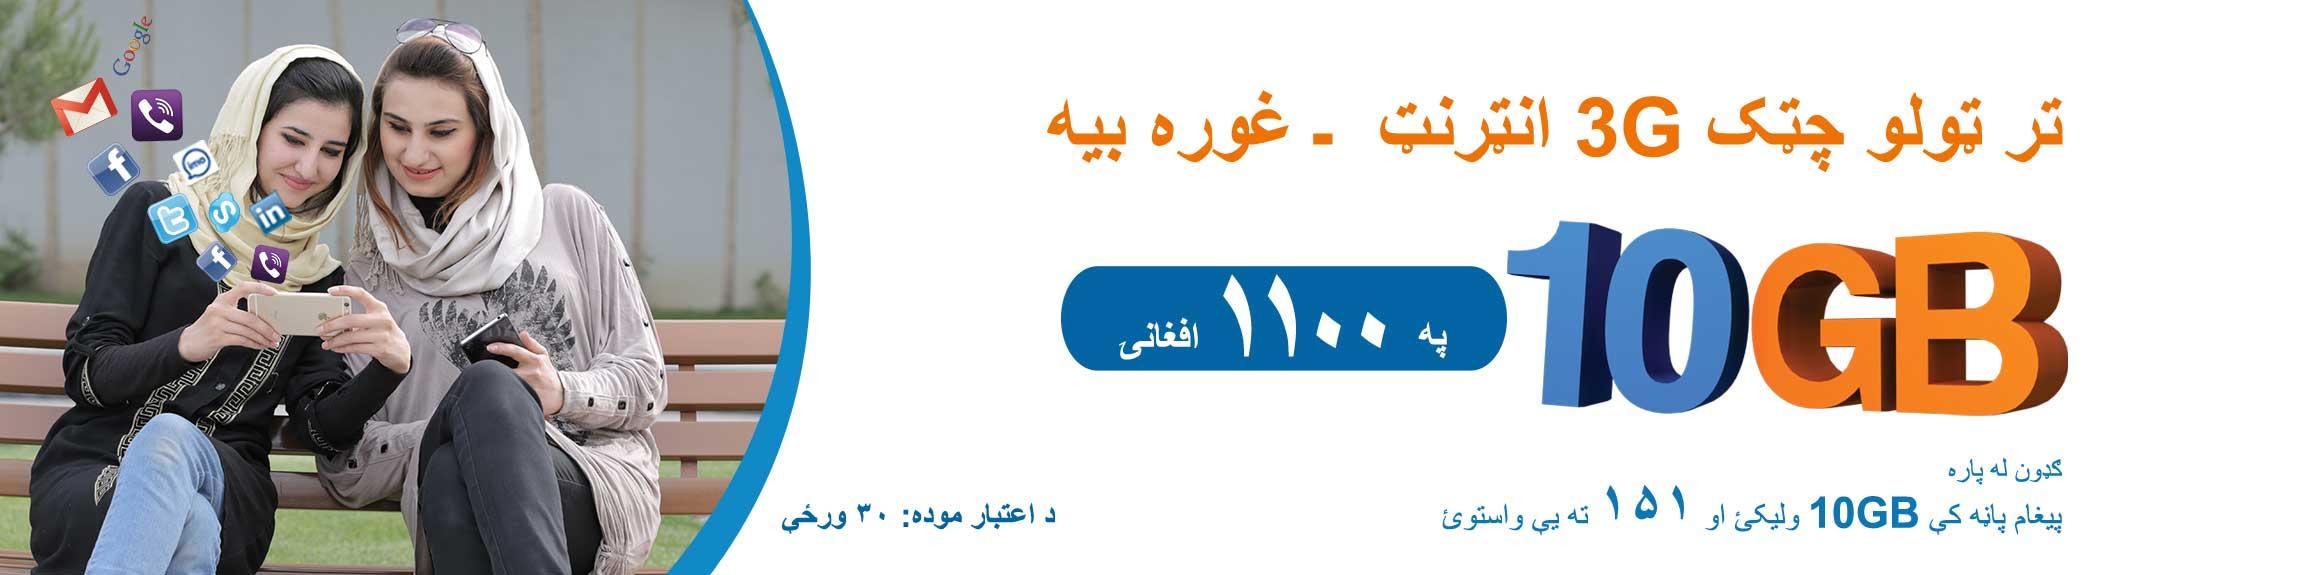 10-Gb-for-website-pashto